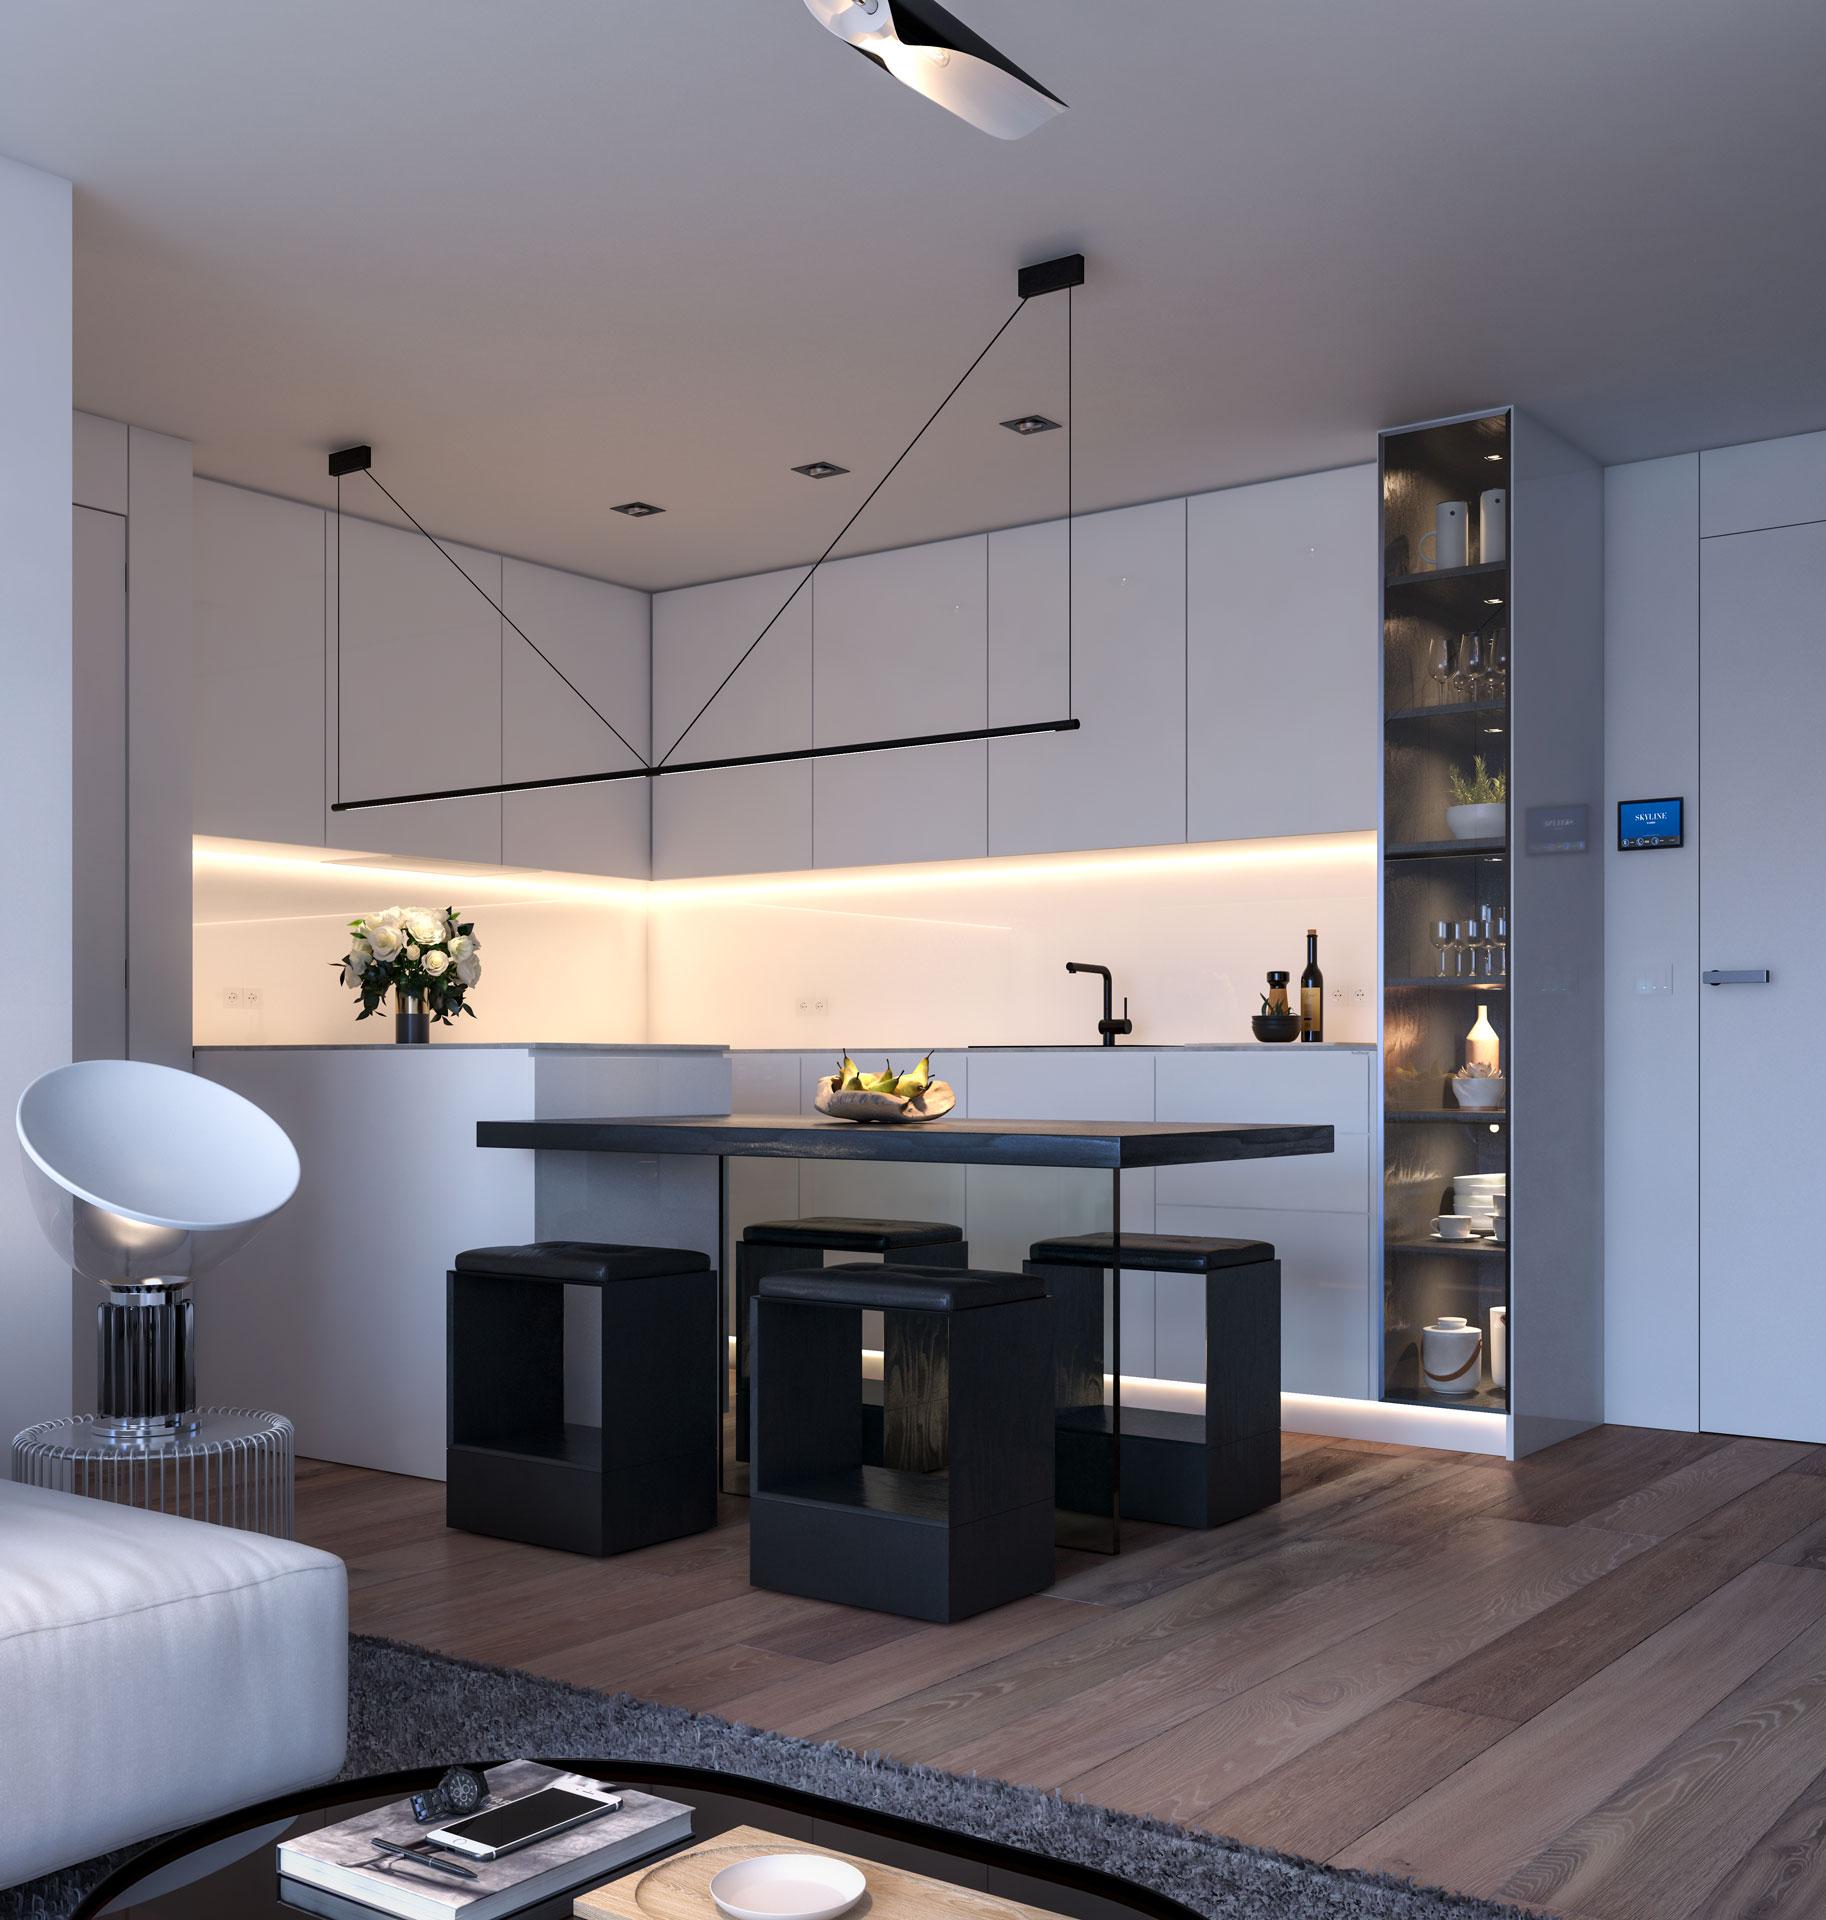 Cocina vivienda 2 dormitorios con isla central